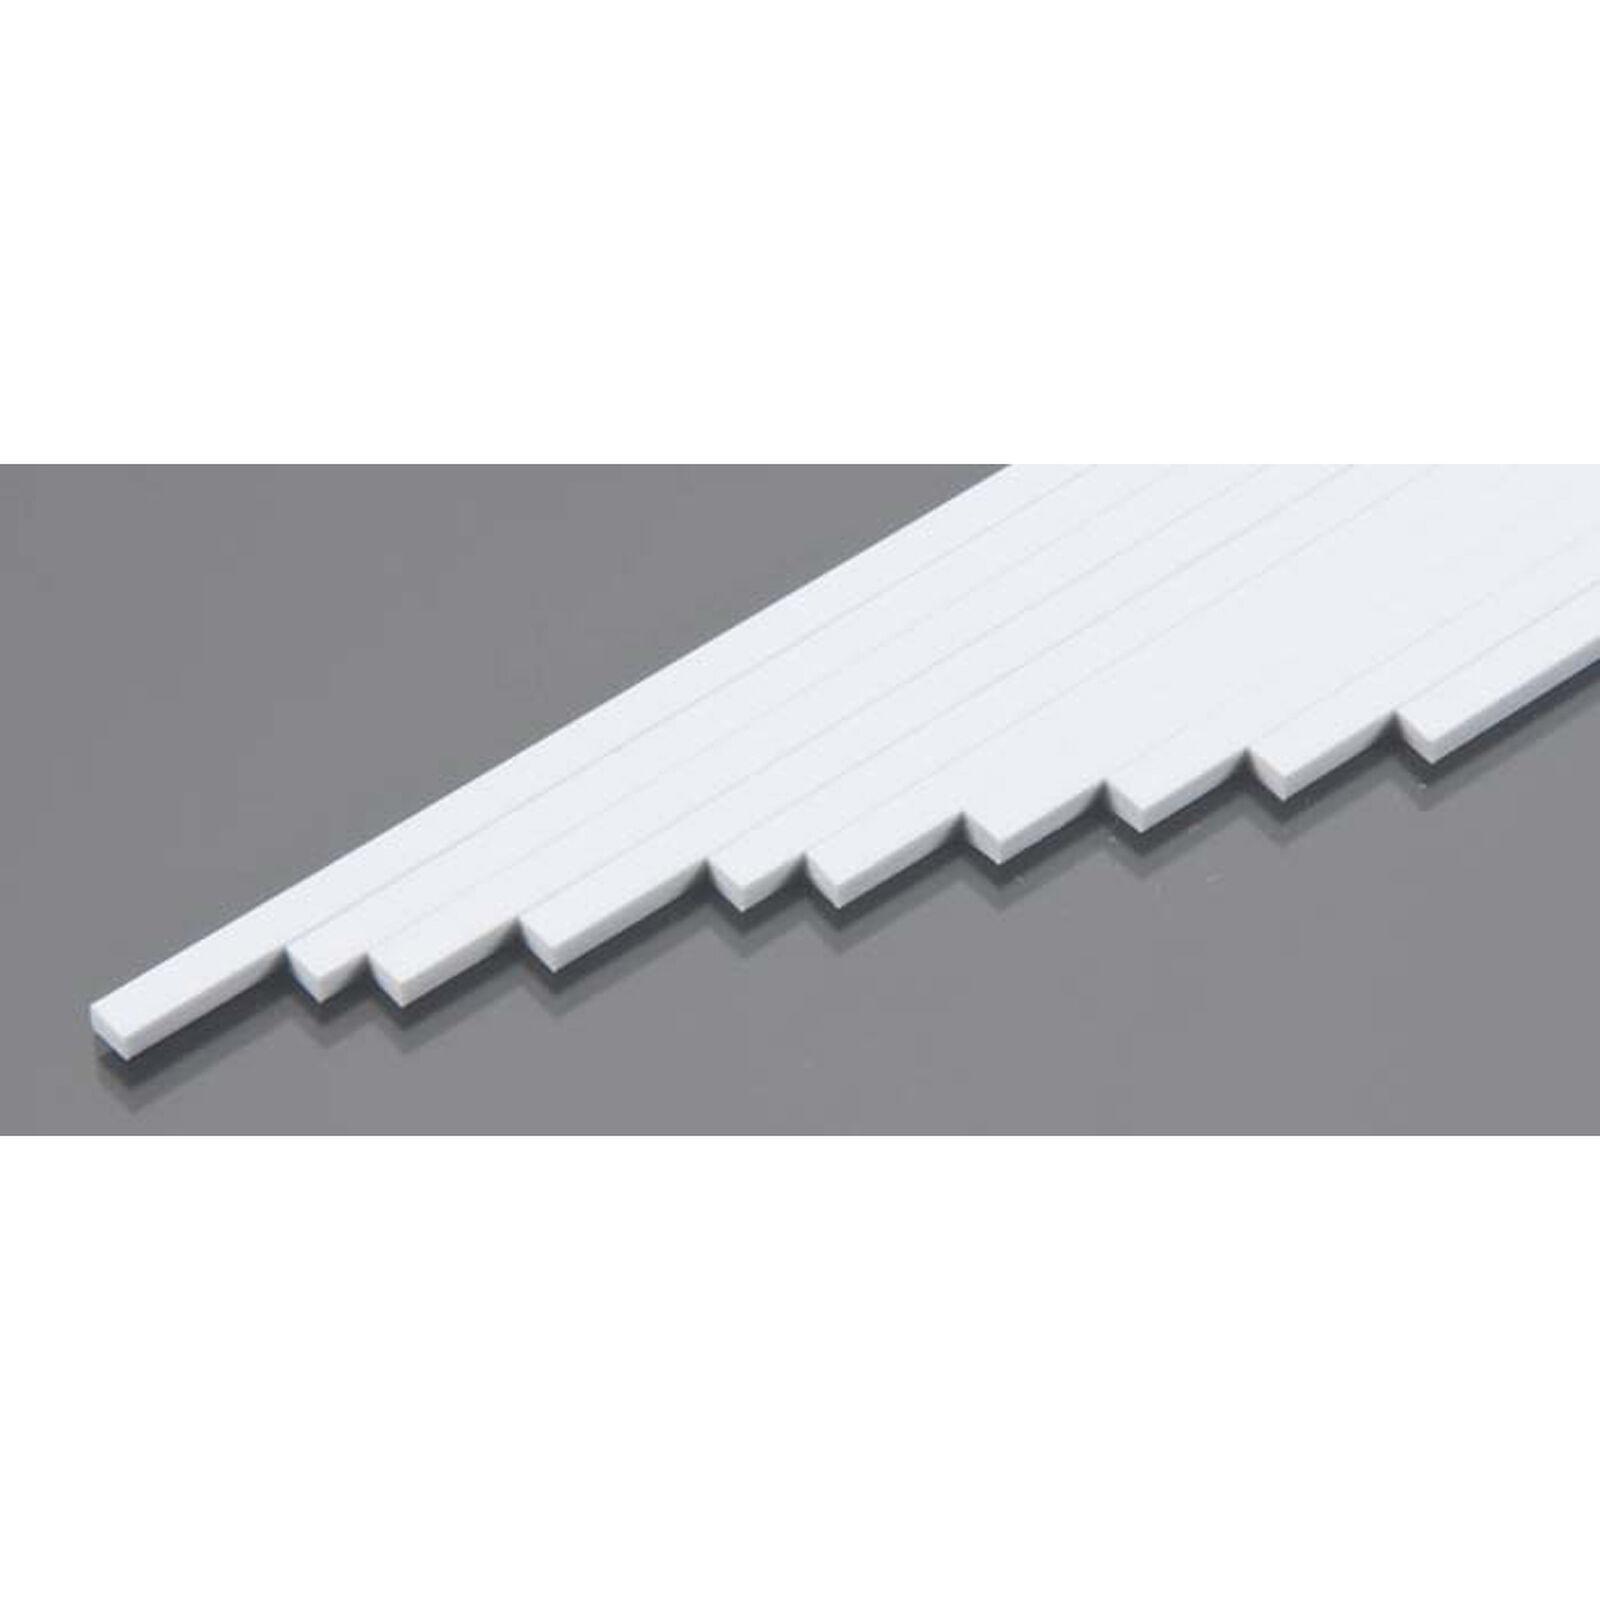 MS-1016 Rect Strip,.100x.156(10)